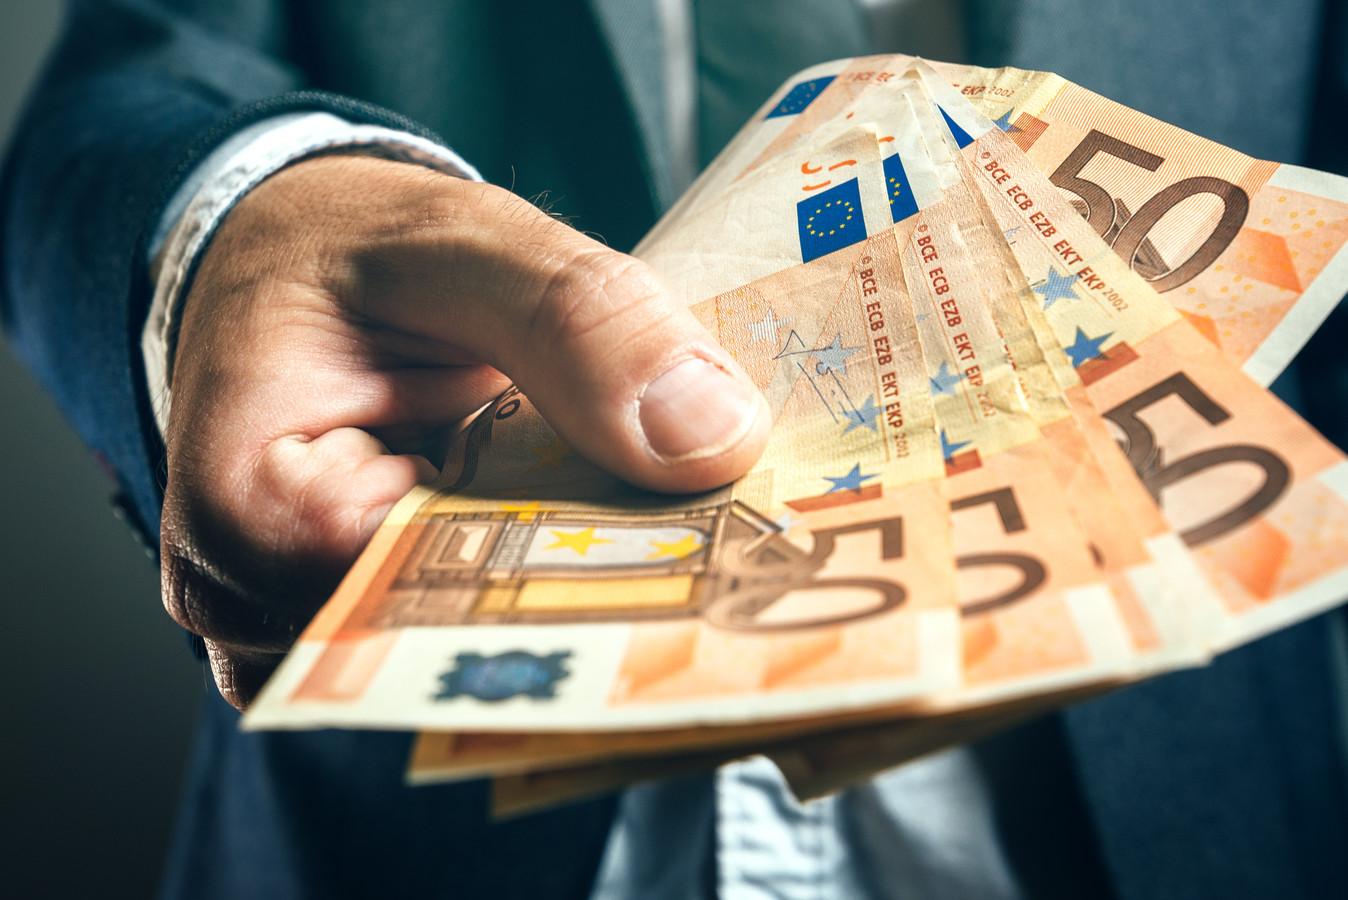 De fout kost Almelo 475.000 euro.  Dat geld moet allemaal weer terug worden gestort.